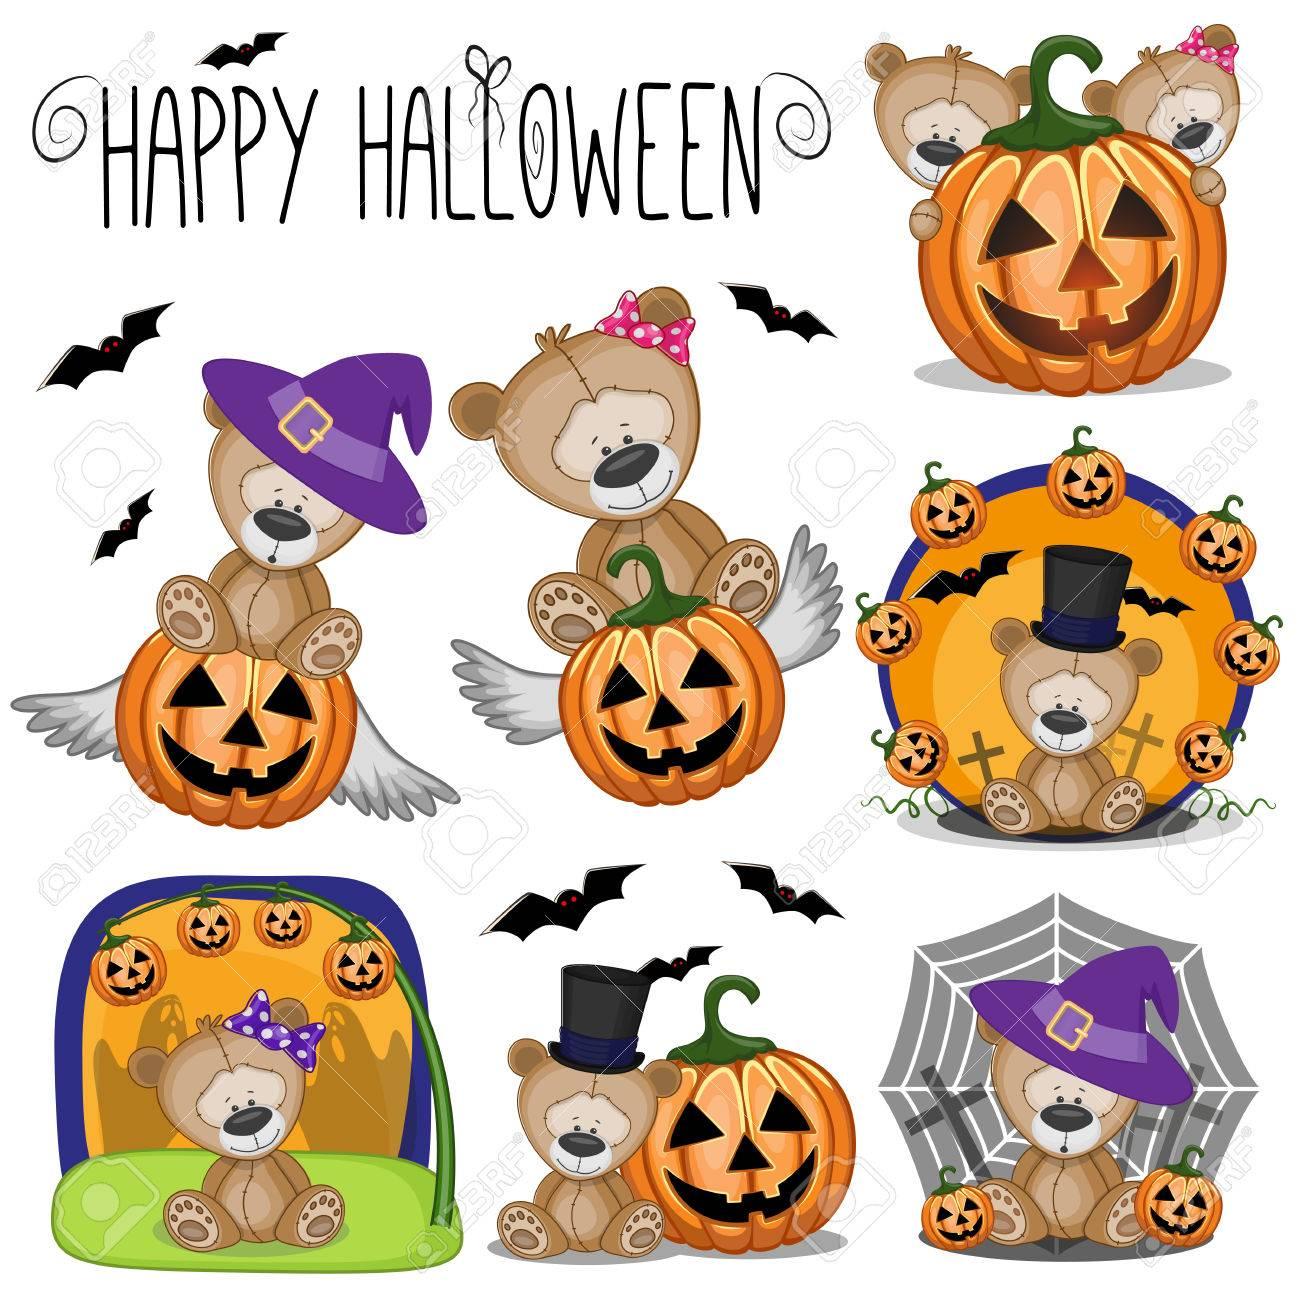 Cute Halloween set with Cartoon Teddy Bear - 85454968